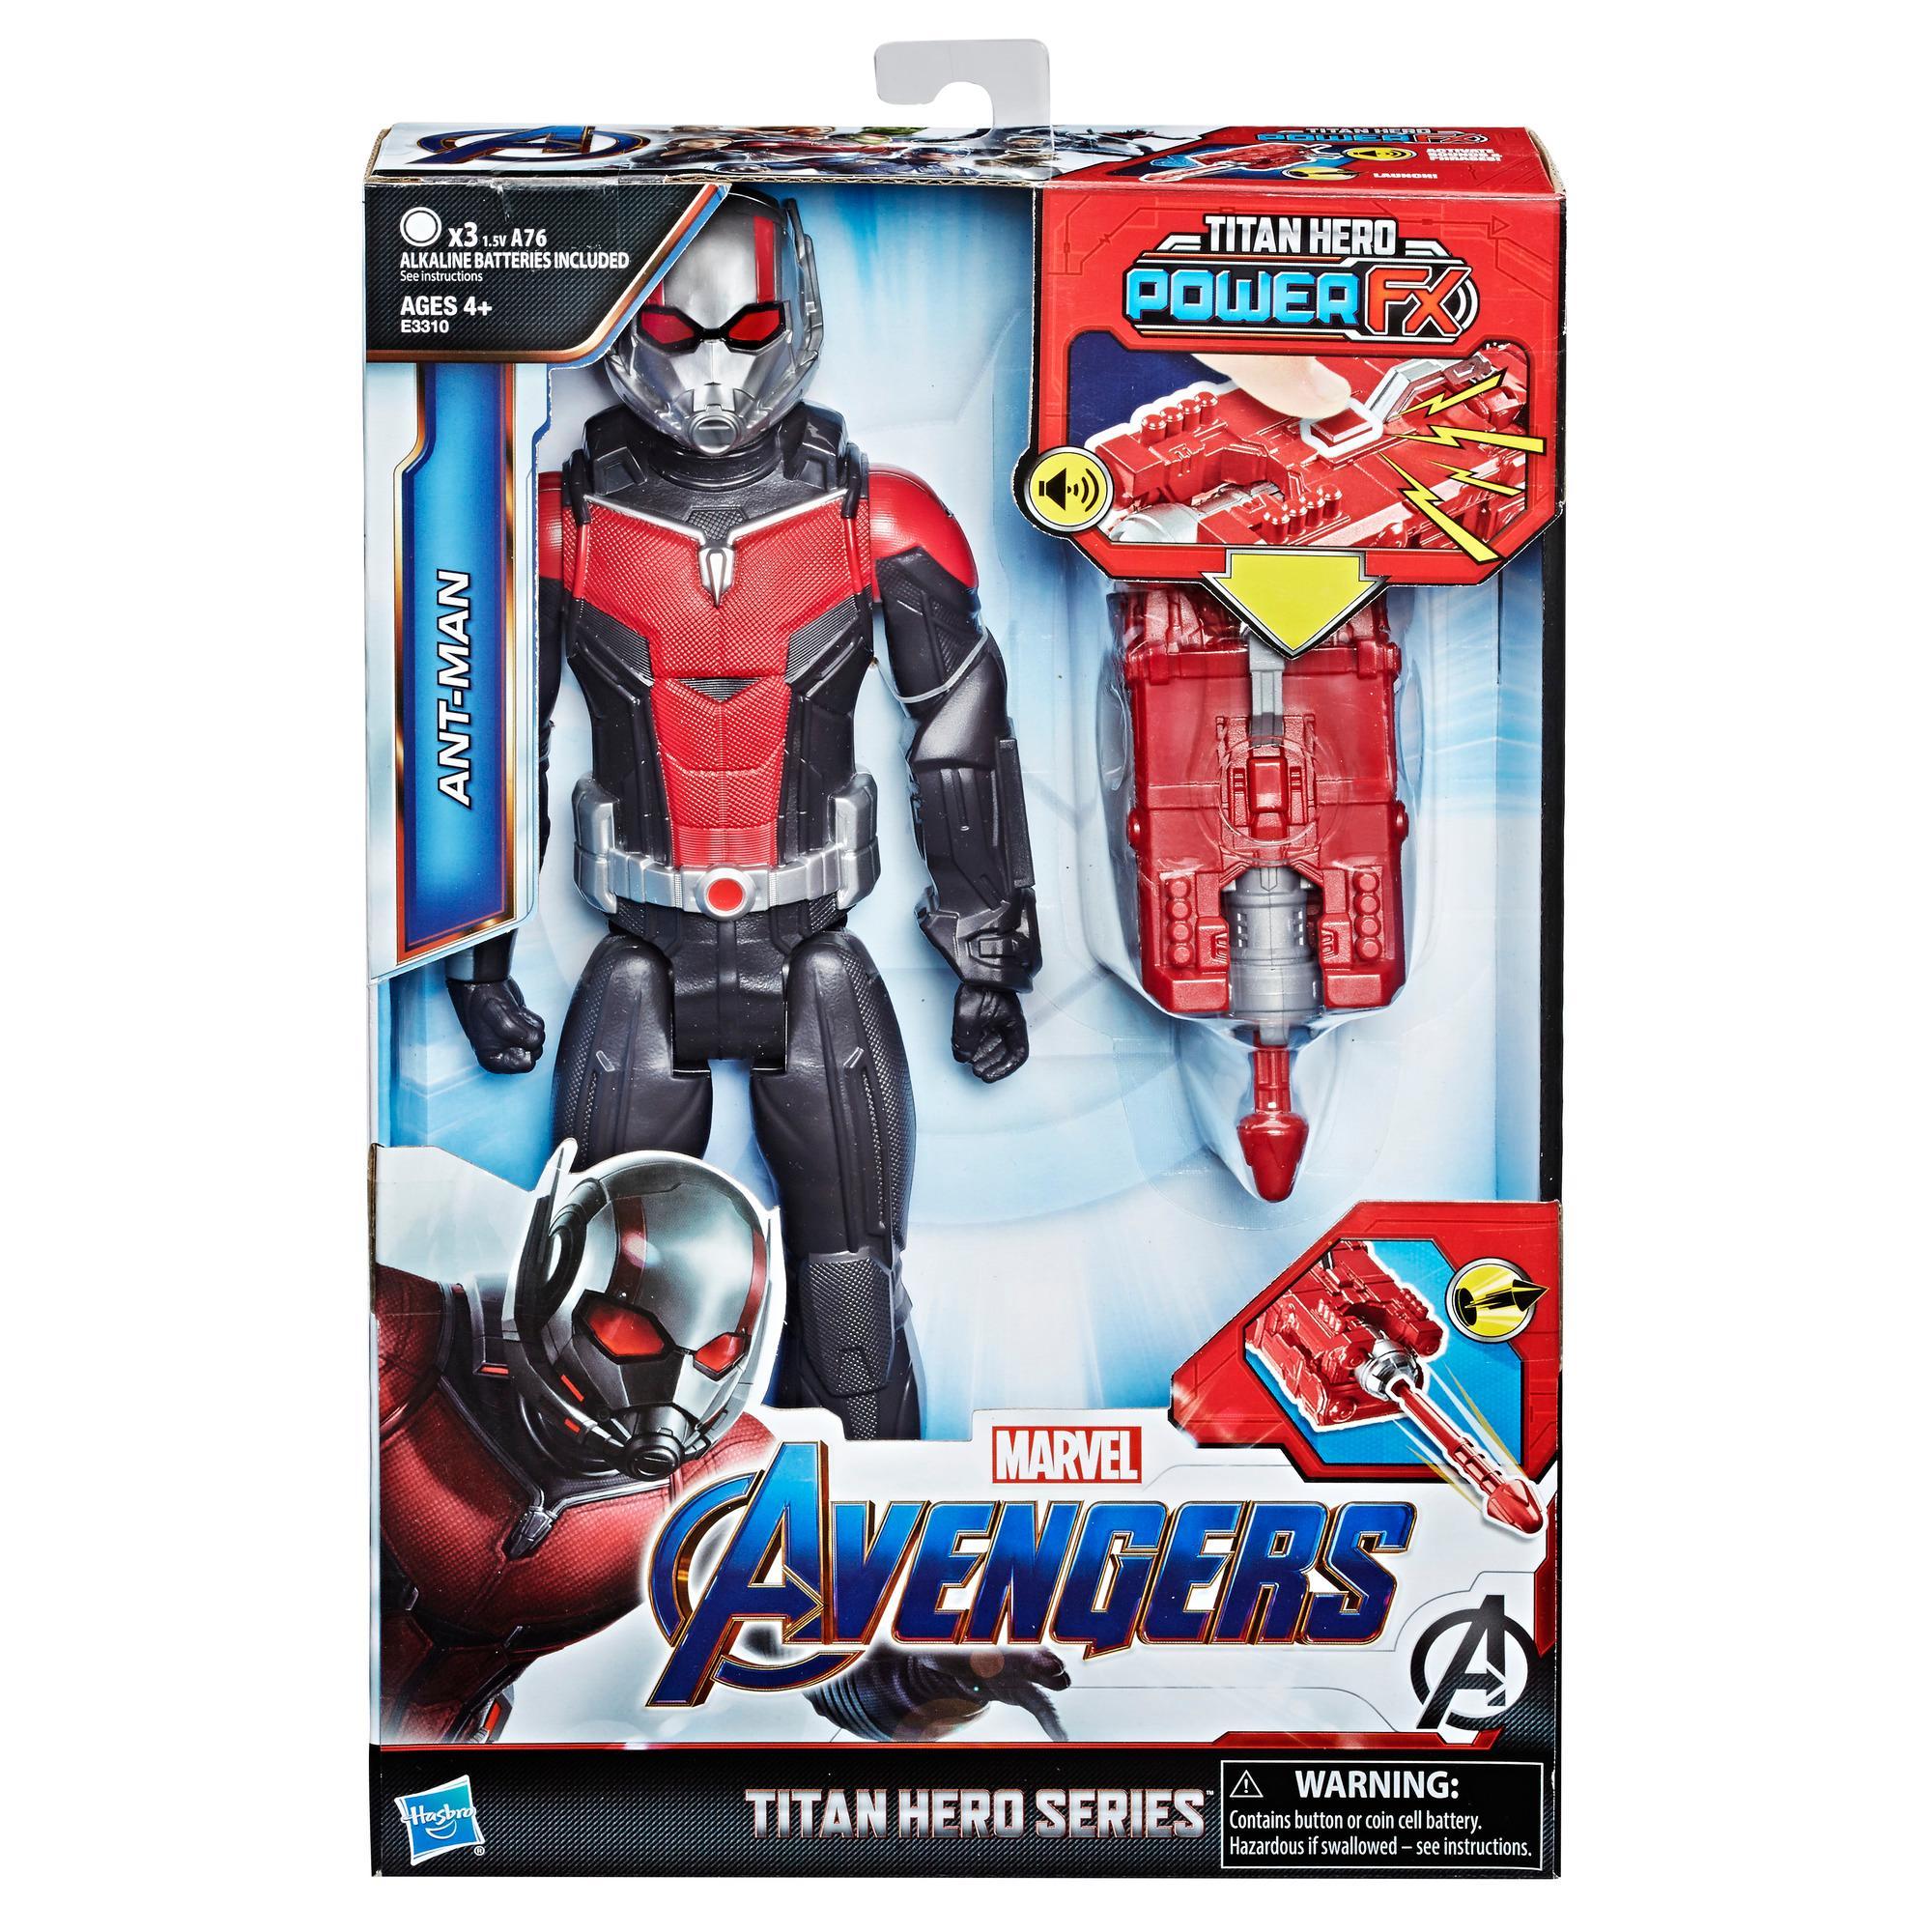 Marvel Avengers: Endgame - Titan Hero Power FX Ant-Man